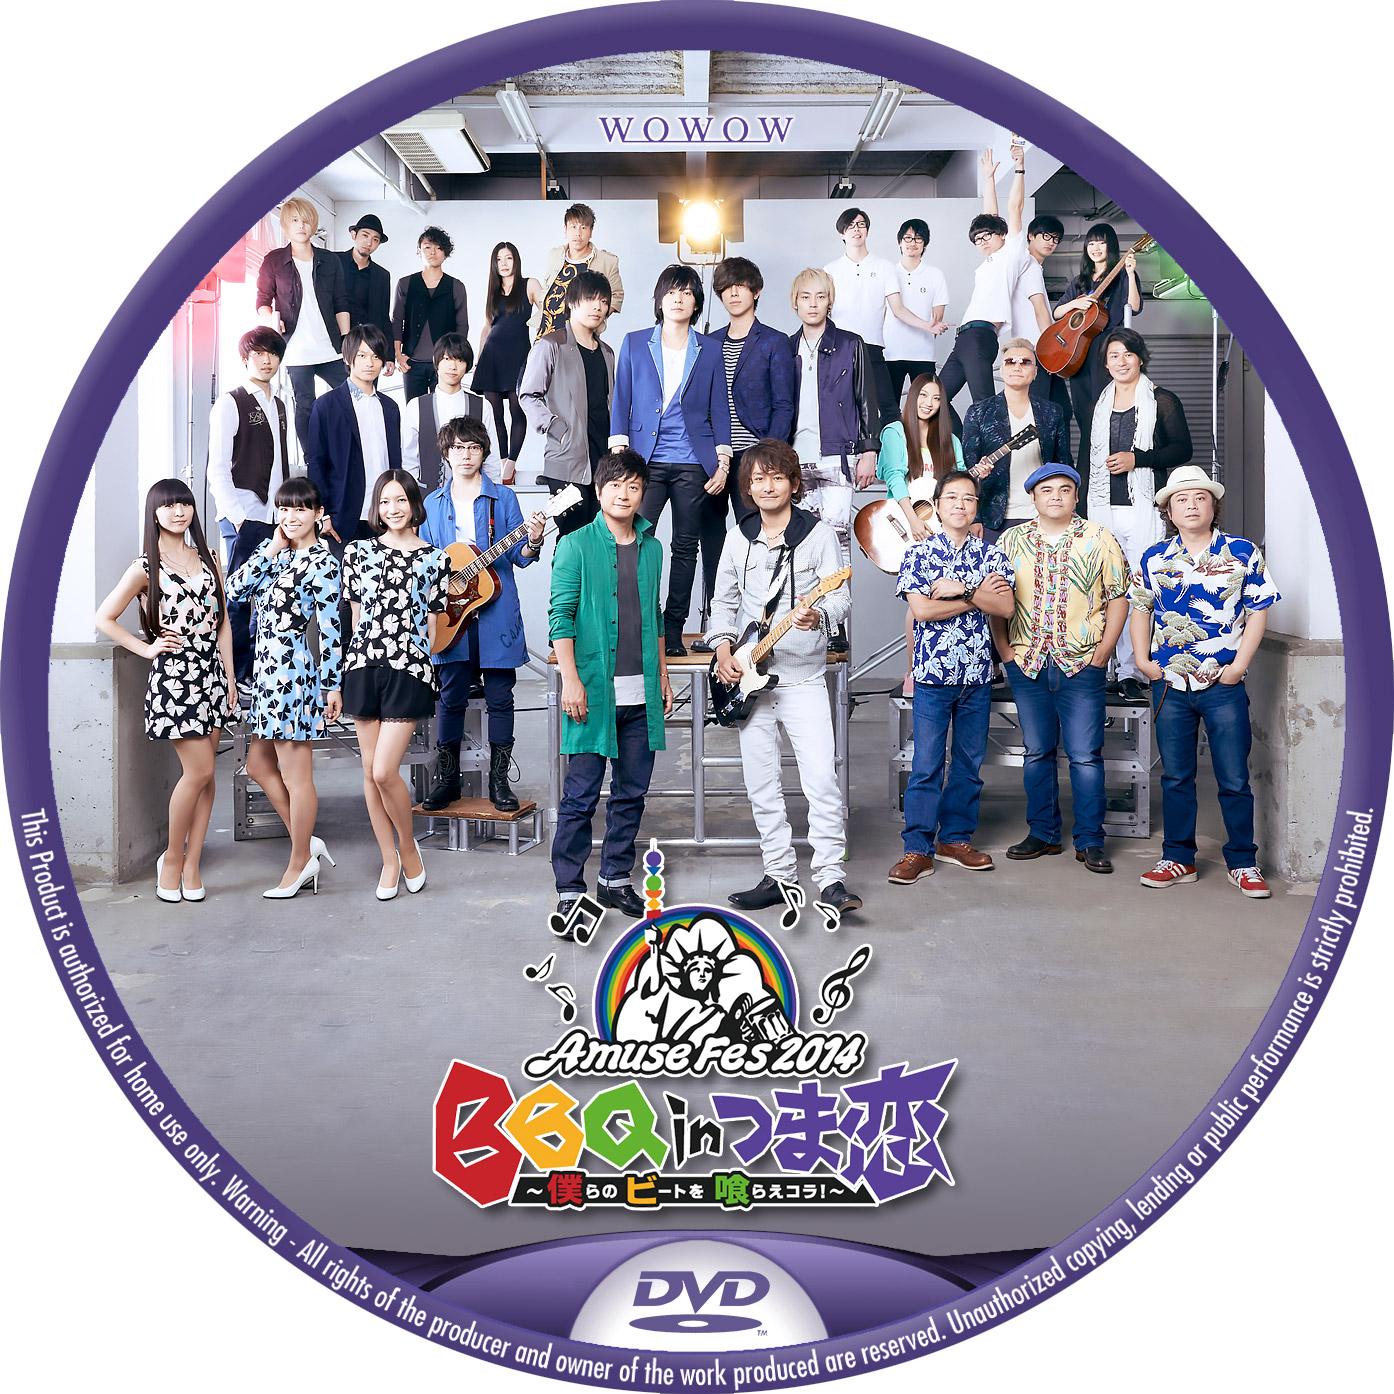 AMUSE つま恋 WOWOW DVDラベル